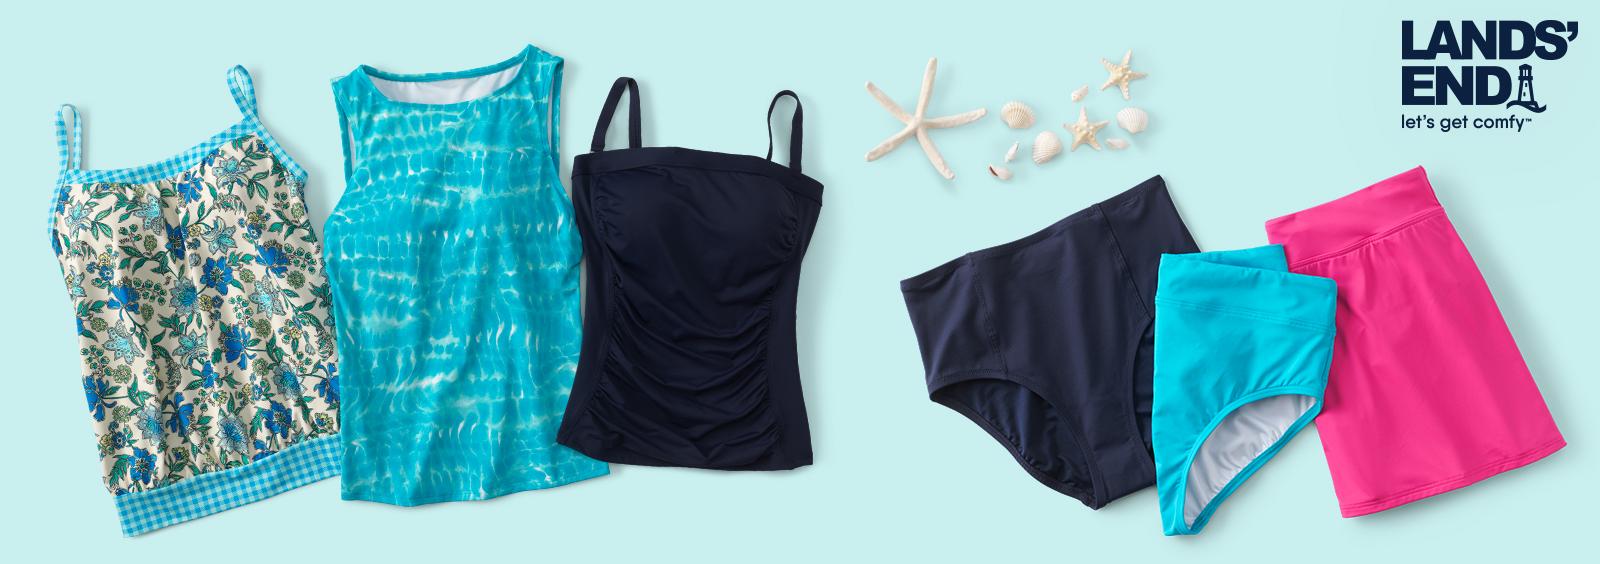 How Long Should a Swimsuit Last?